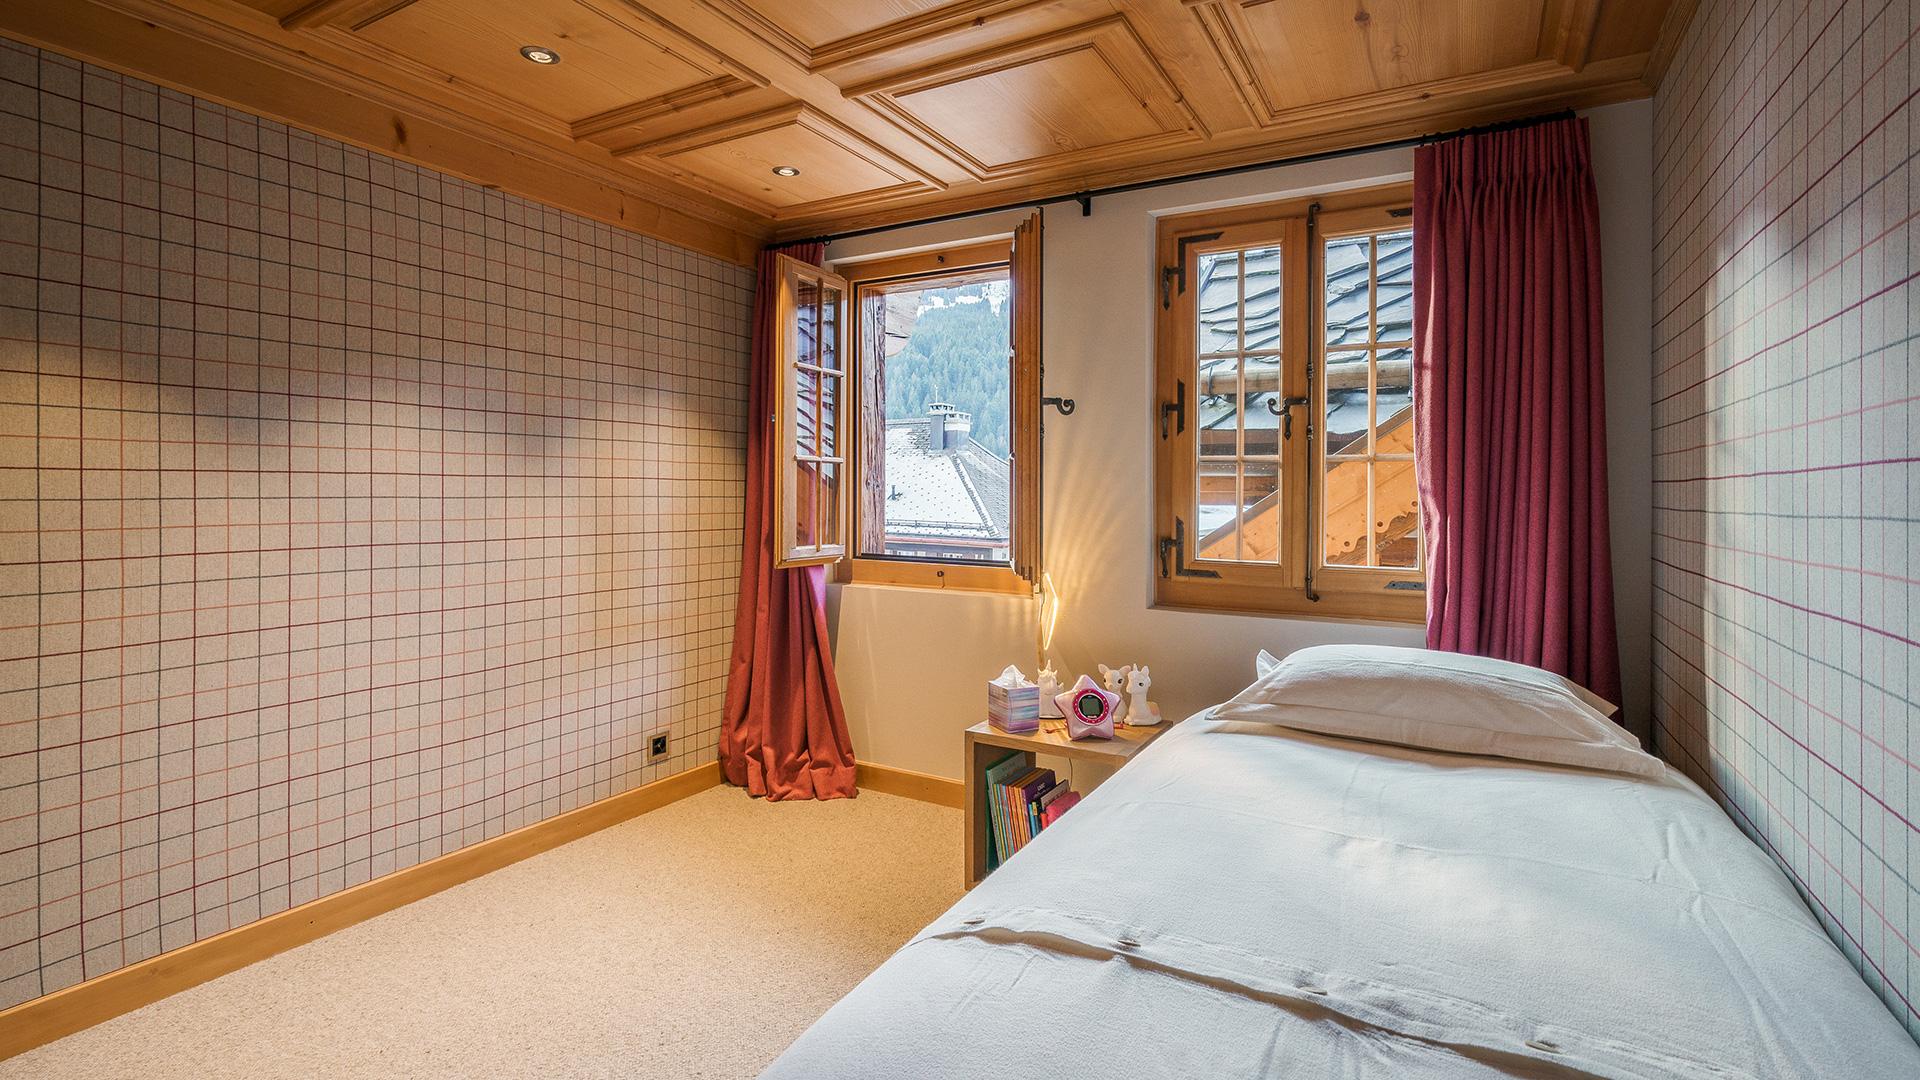 Chalet Bon Chalet, Switzerland